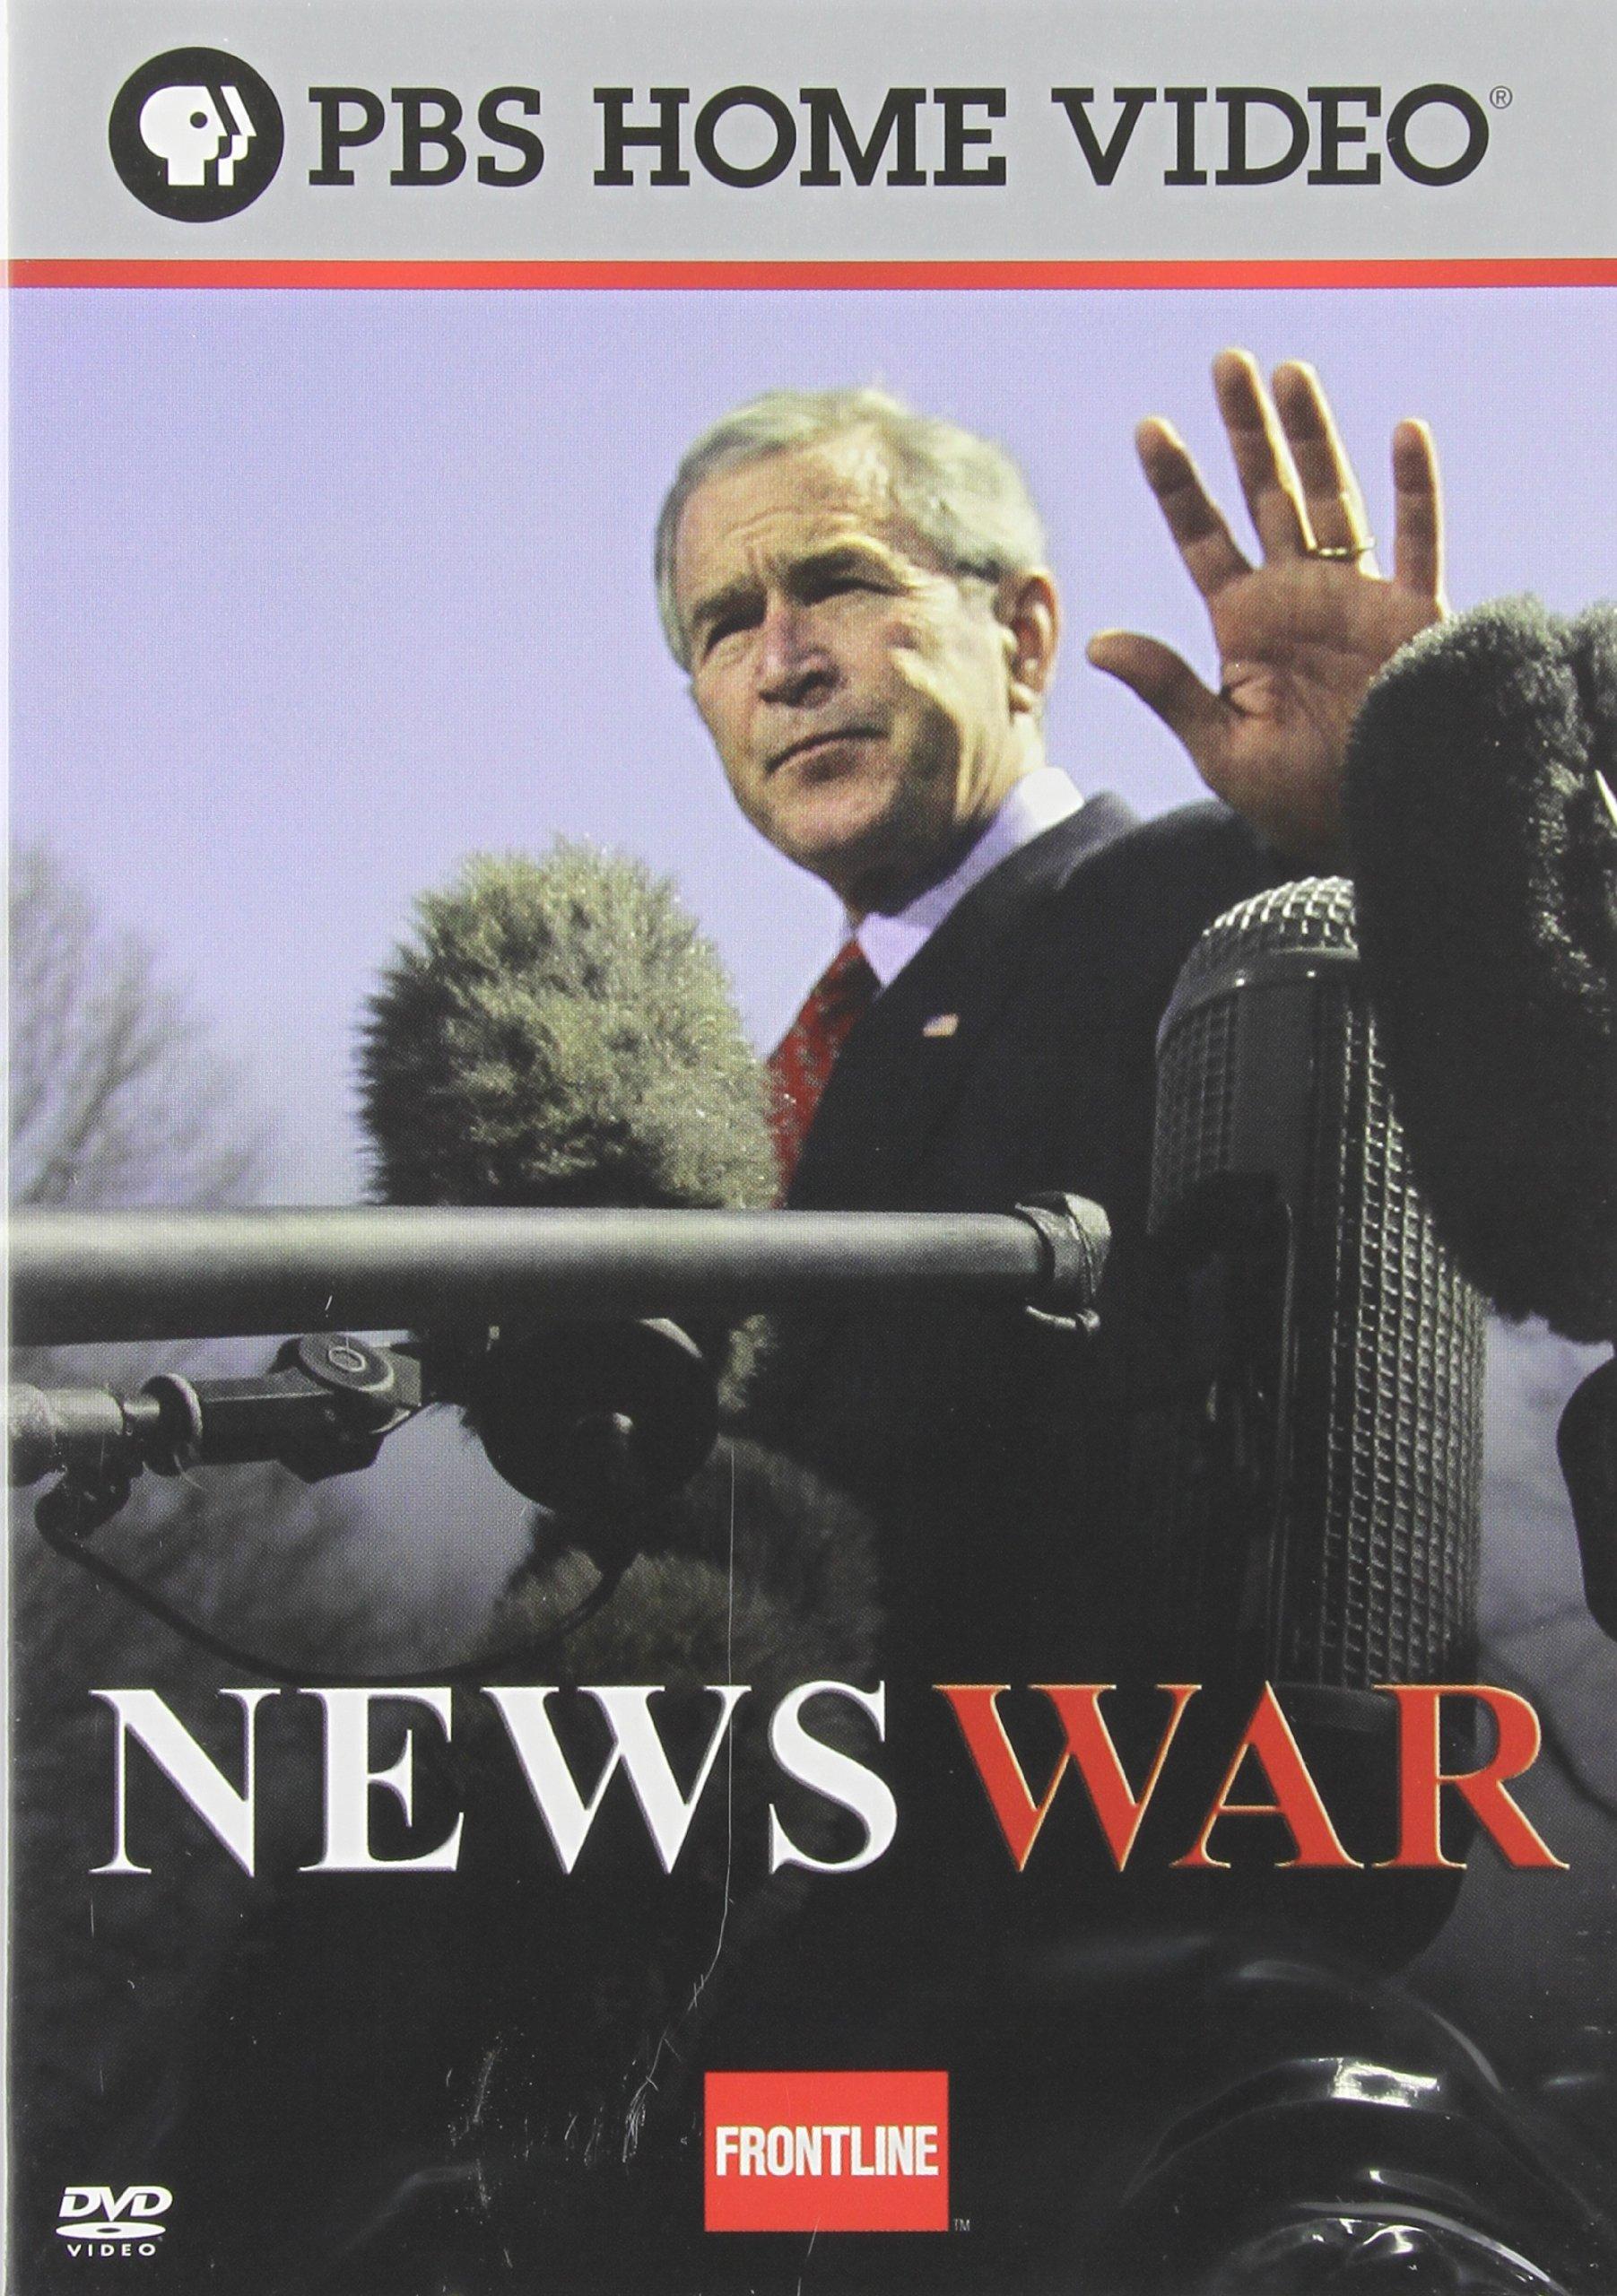 Frontline - News War